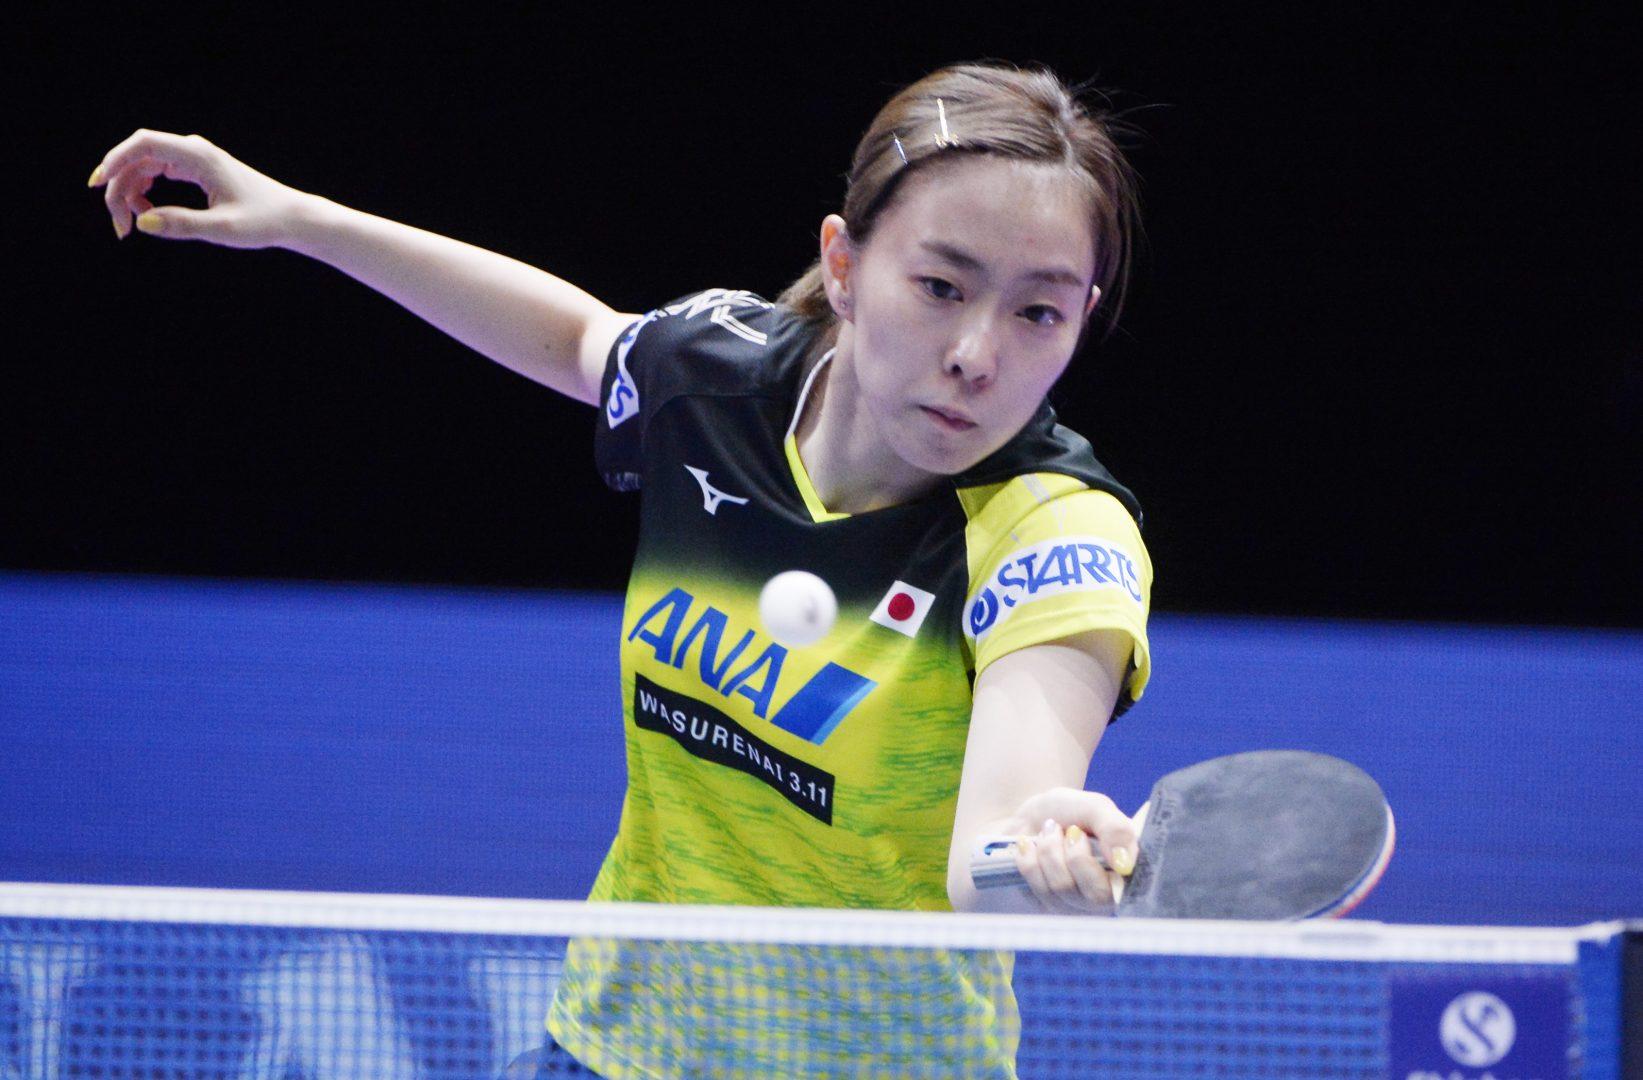 【卓球】石川佳純が日本人対決で全勝<ITTFオーストラリアOP 女子4日目の結果>